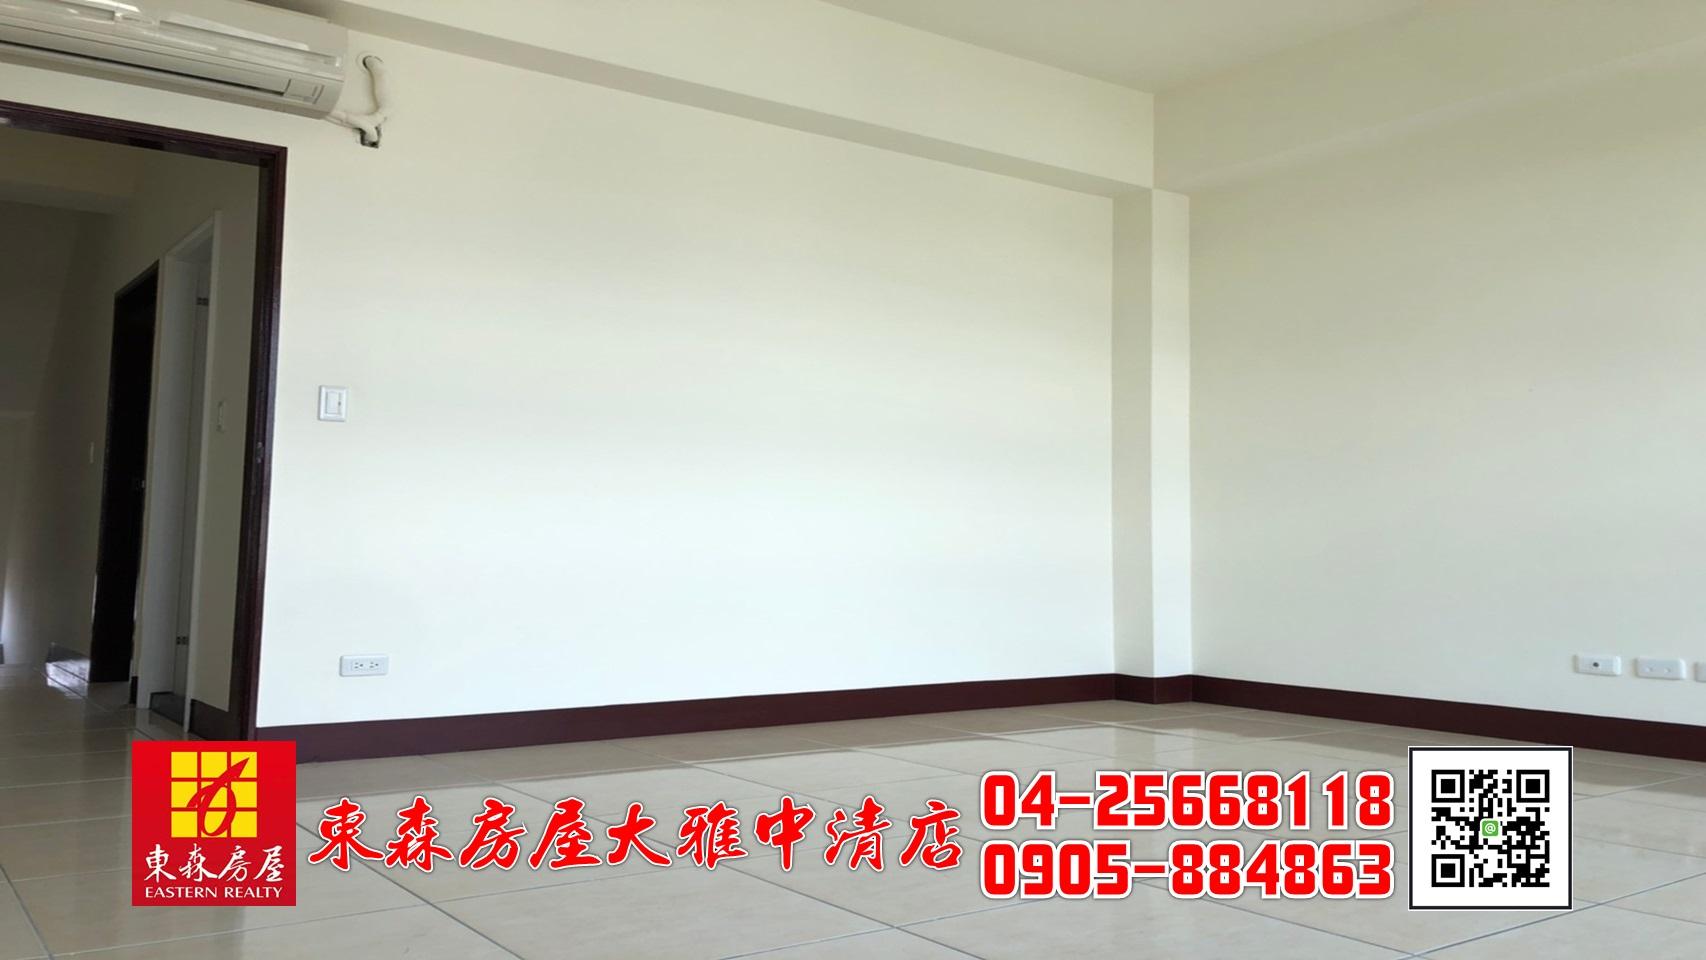 東森房屋大雅中清店-學府首席美墅